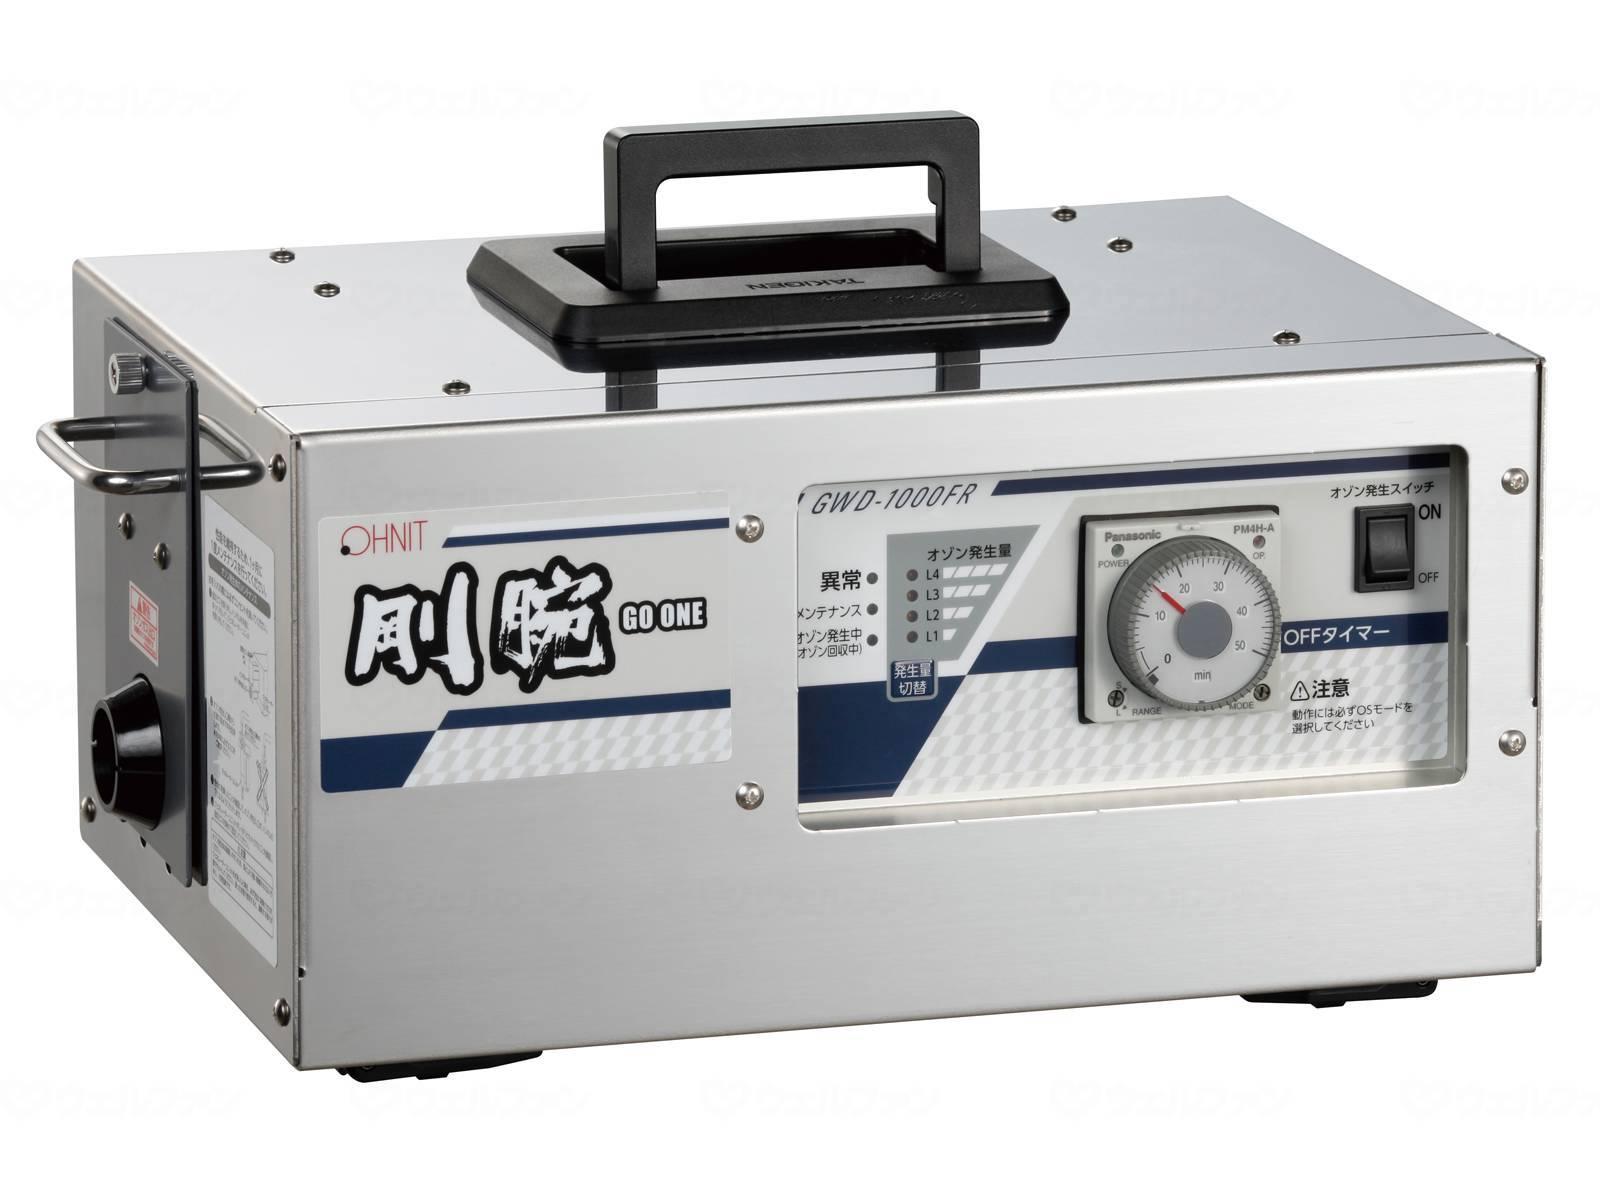 オゾン発生装置「剛腕」